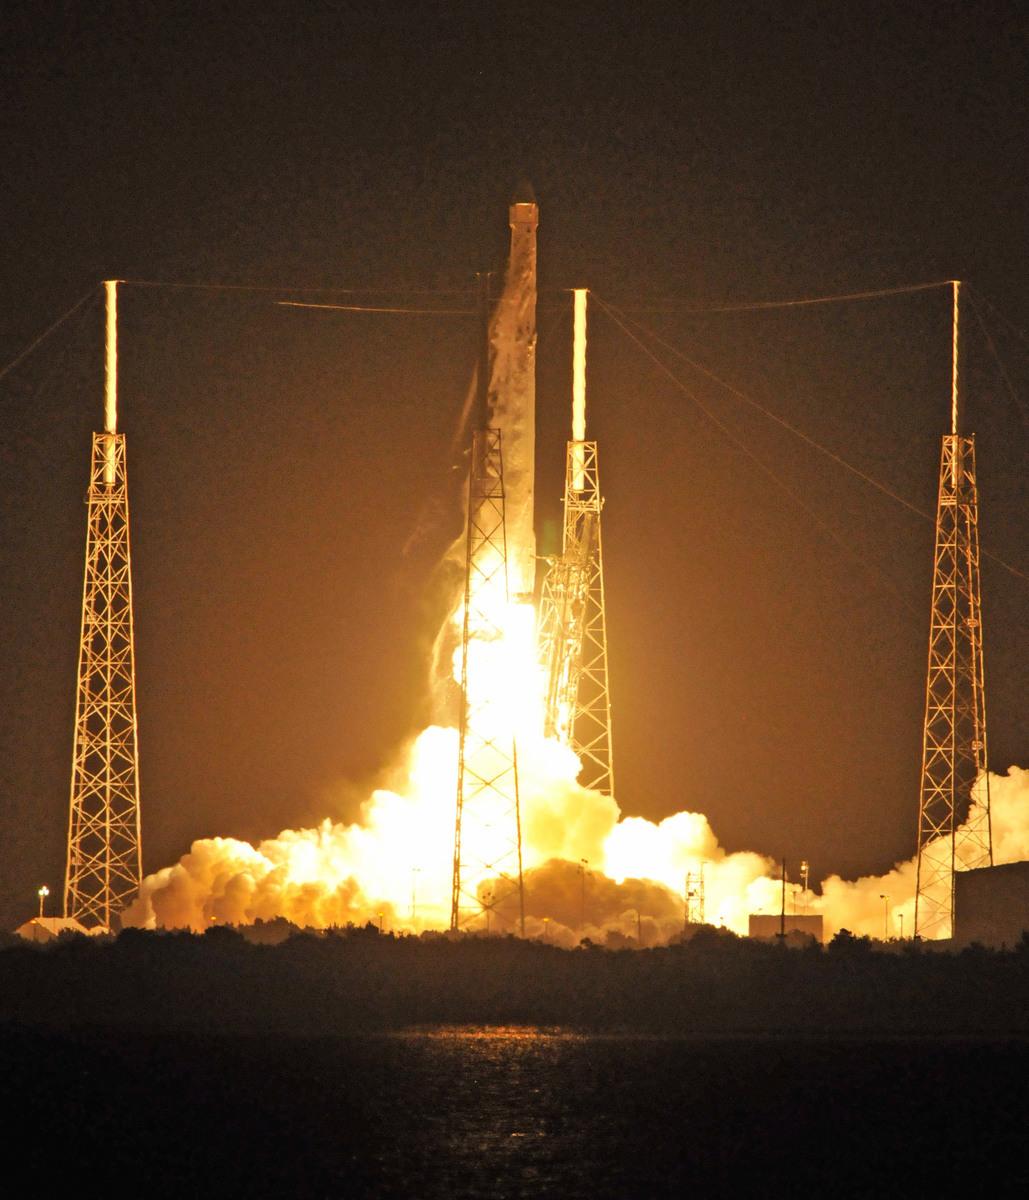 這是SpaceX之前發射的獵鷹9號火箭。圖為示意圖。(BRUCE WEAVER/AFP/Getty Images)